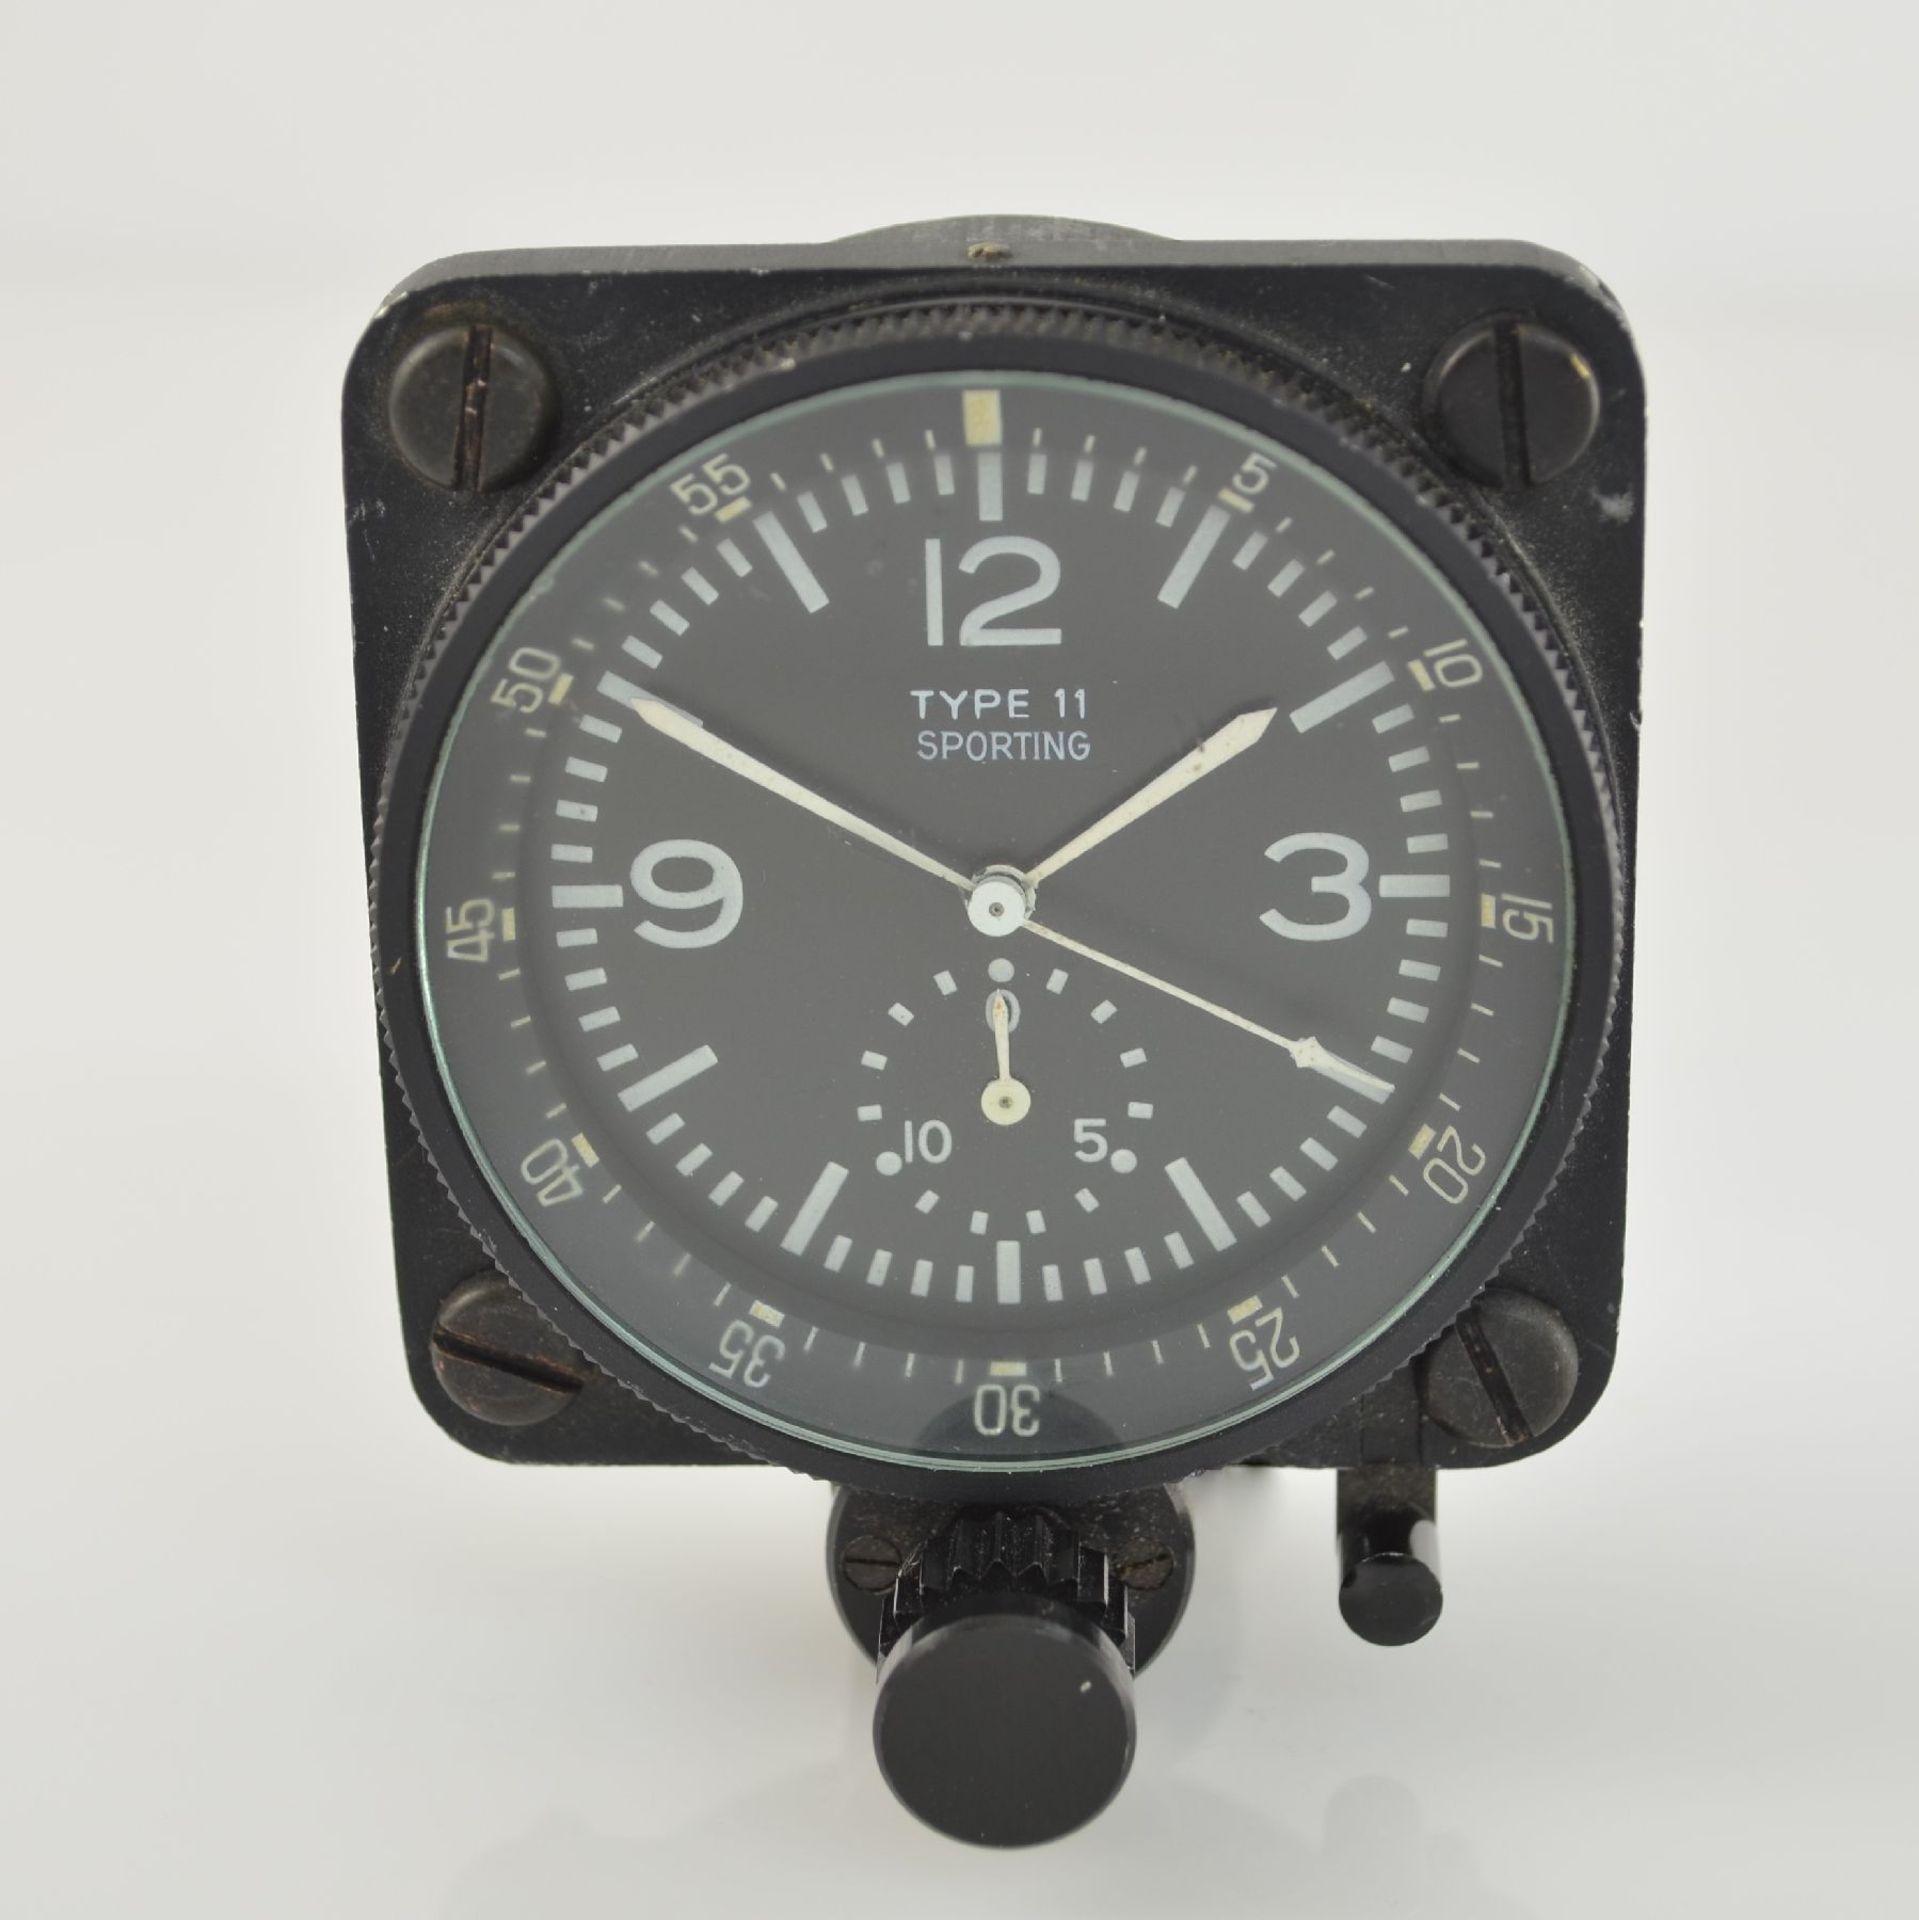 SPORTING TYPE 11 Borduhr mit Chronograph (Dashboard), Schweiz um 1970, geschwärztes Metallgeh.,